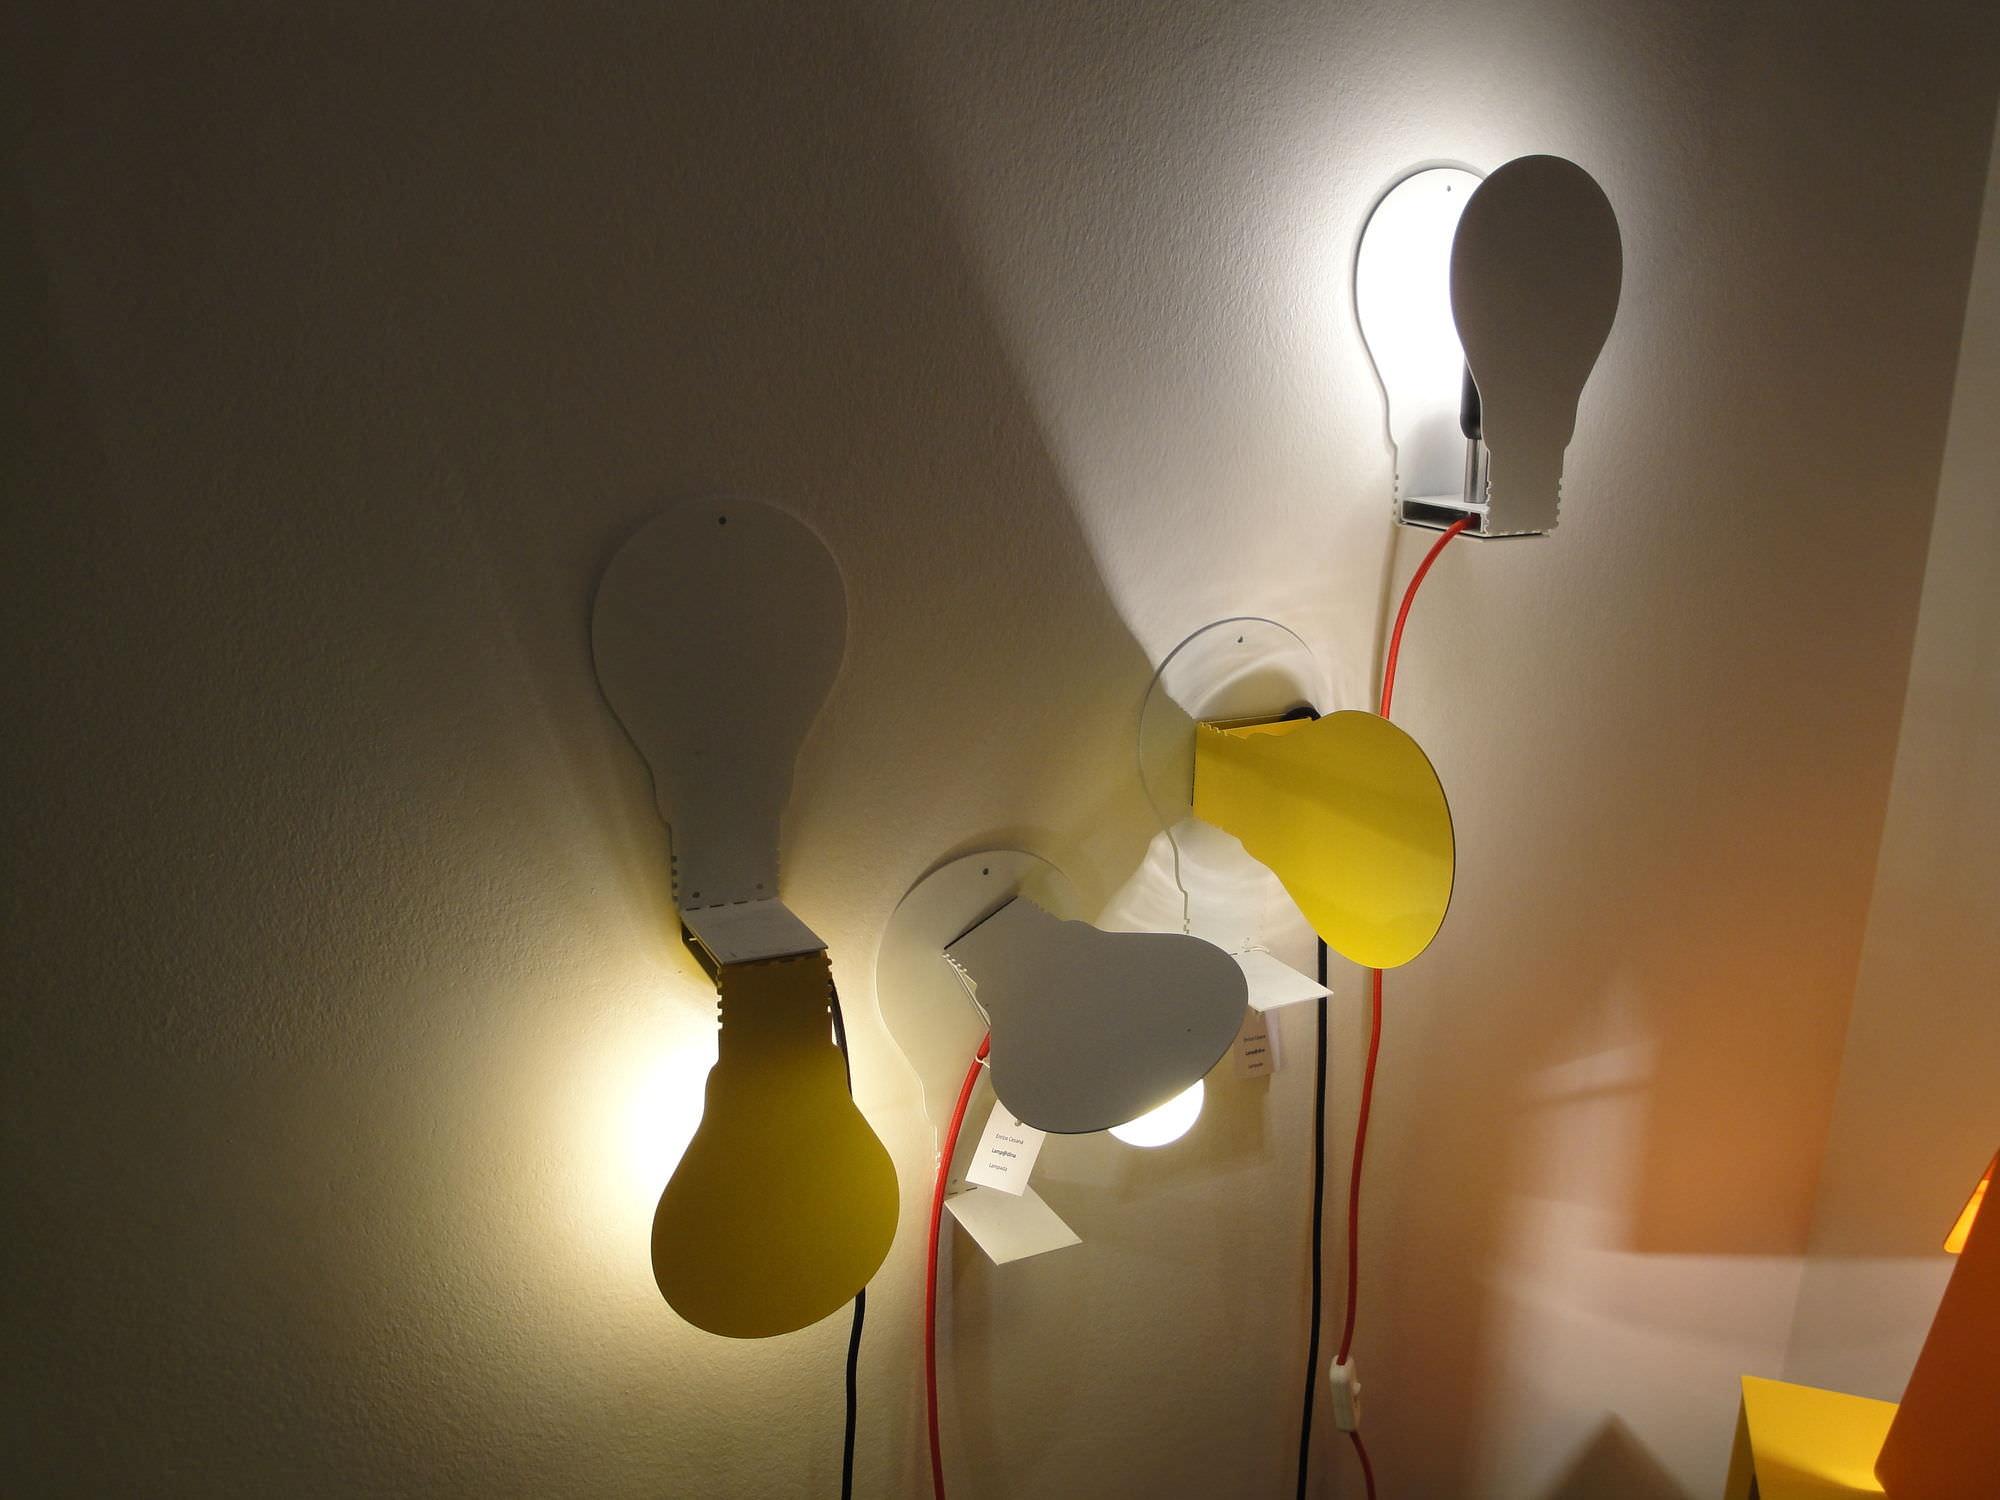 Lampade da parete con filo esterno protezioneazienda